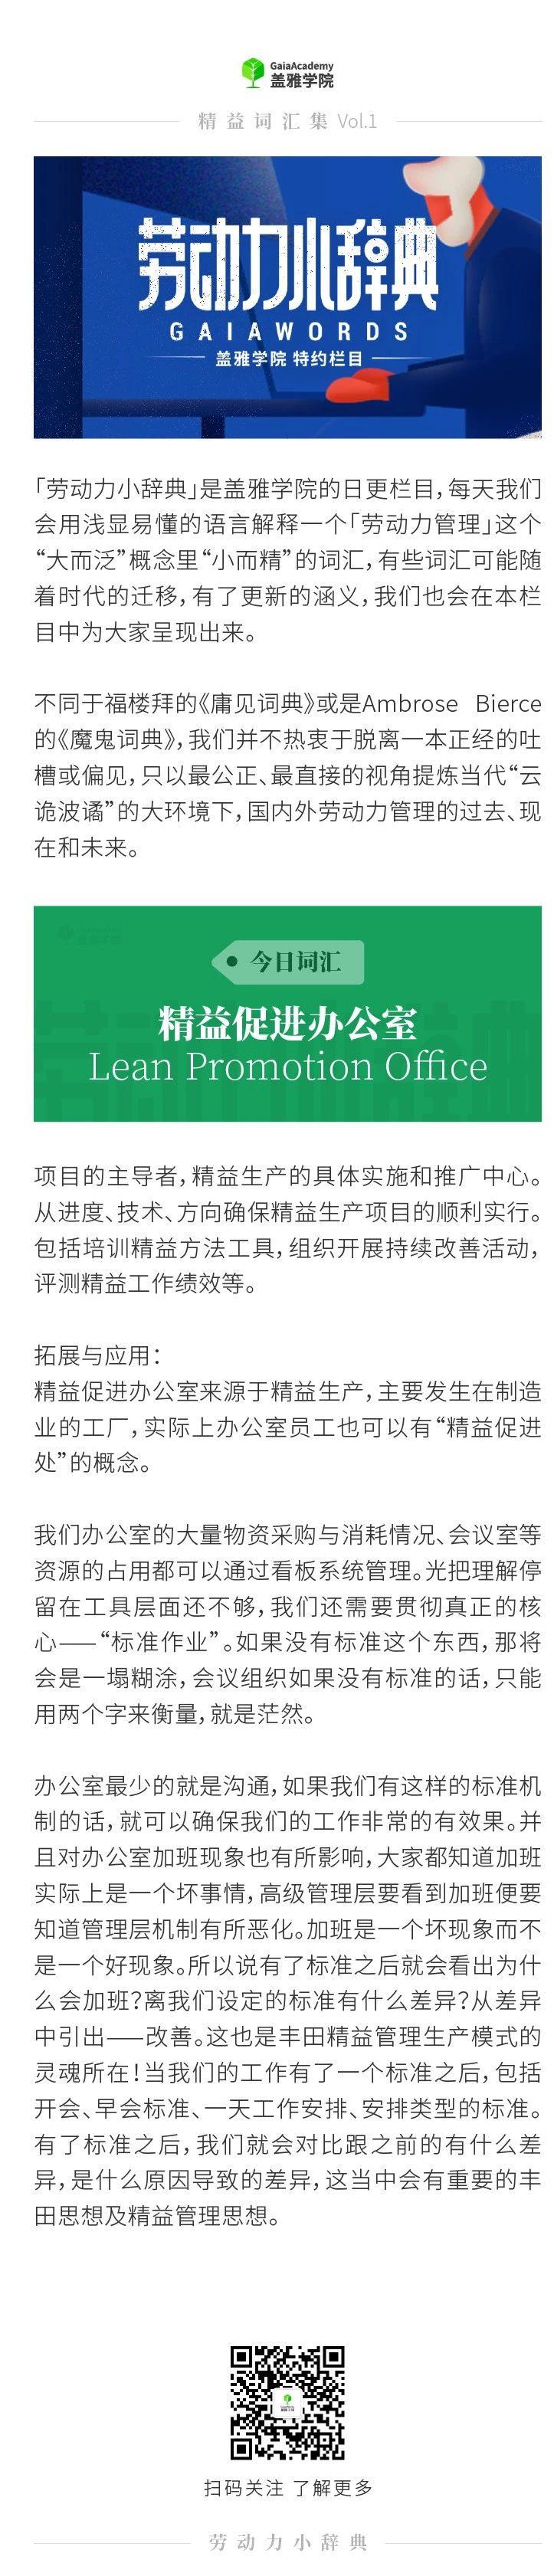 精益促进办公室Lean Promotion Office